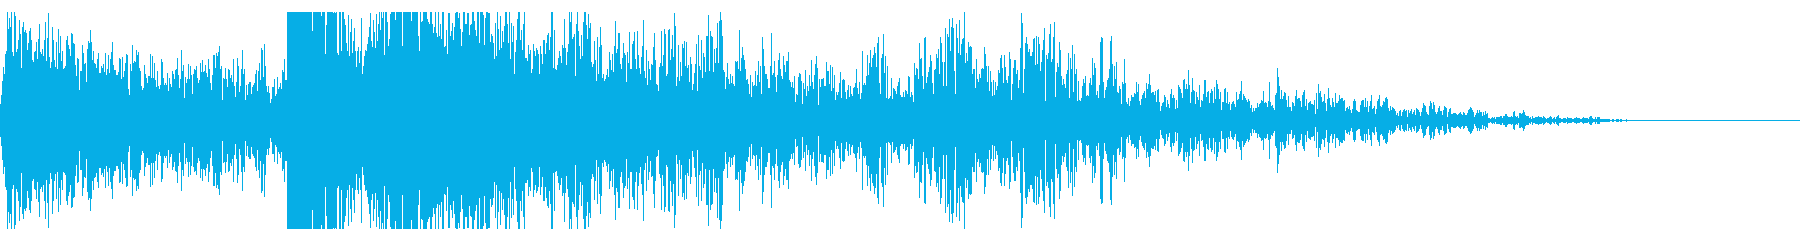 重い複数の爆発衝撃爆風の再生済みの波形